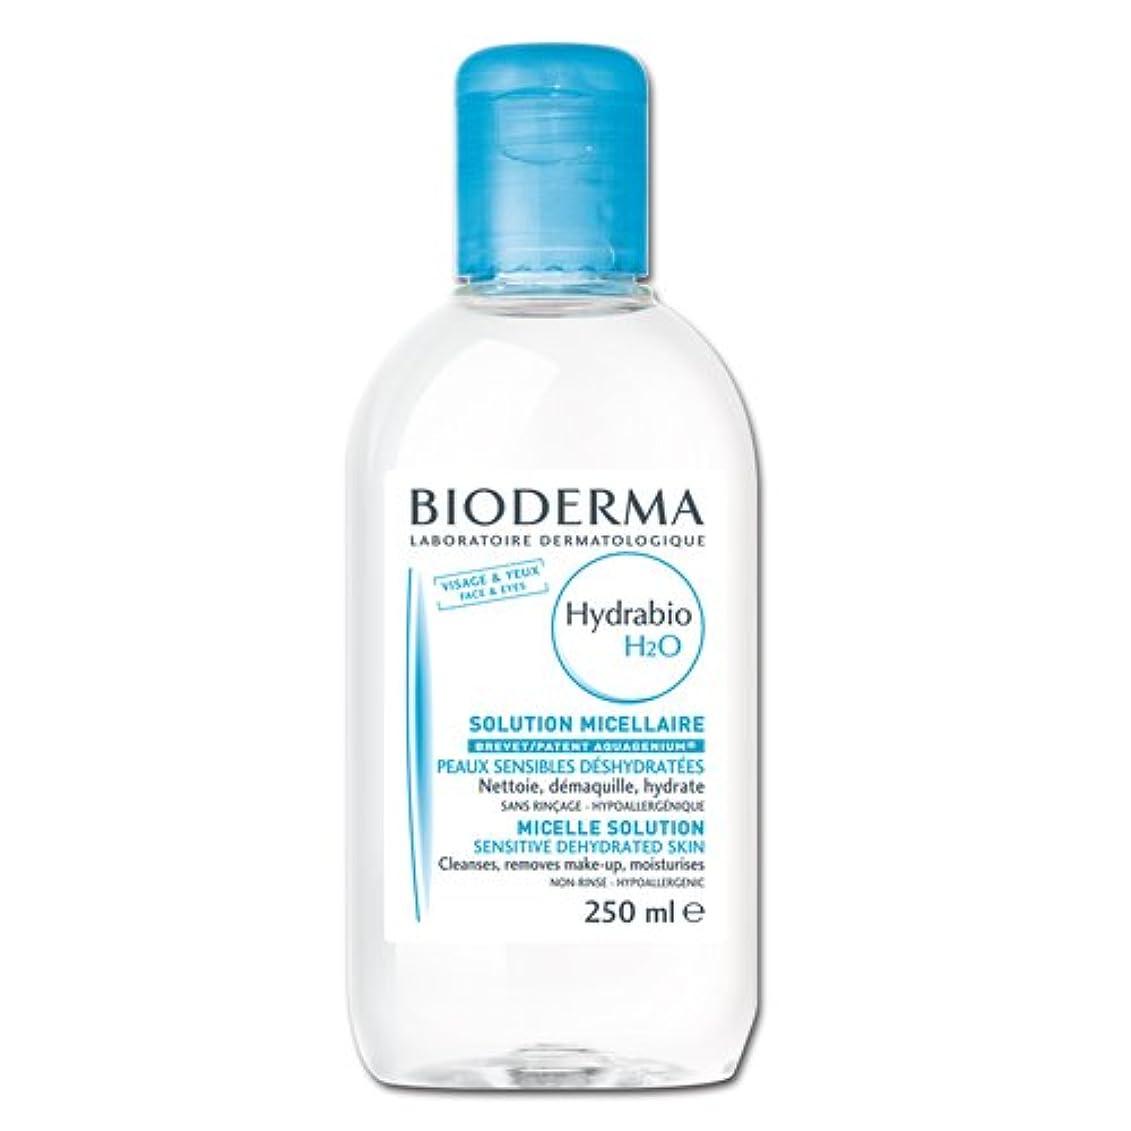 ピルファールーキー痛いBioderma ビオデルマ イドラビオ エイチツーオー D (H2O) 250ml [並行輸入品]